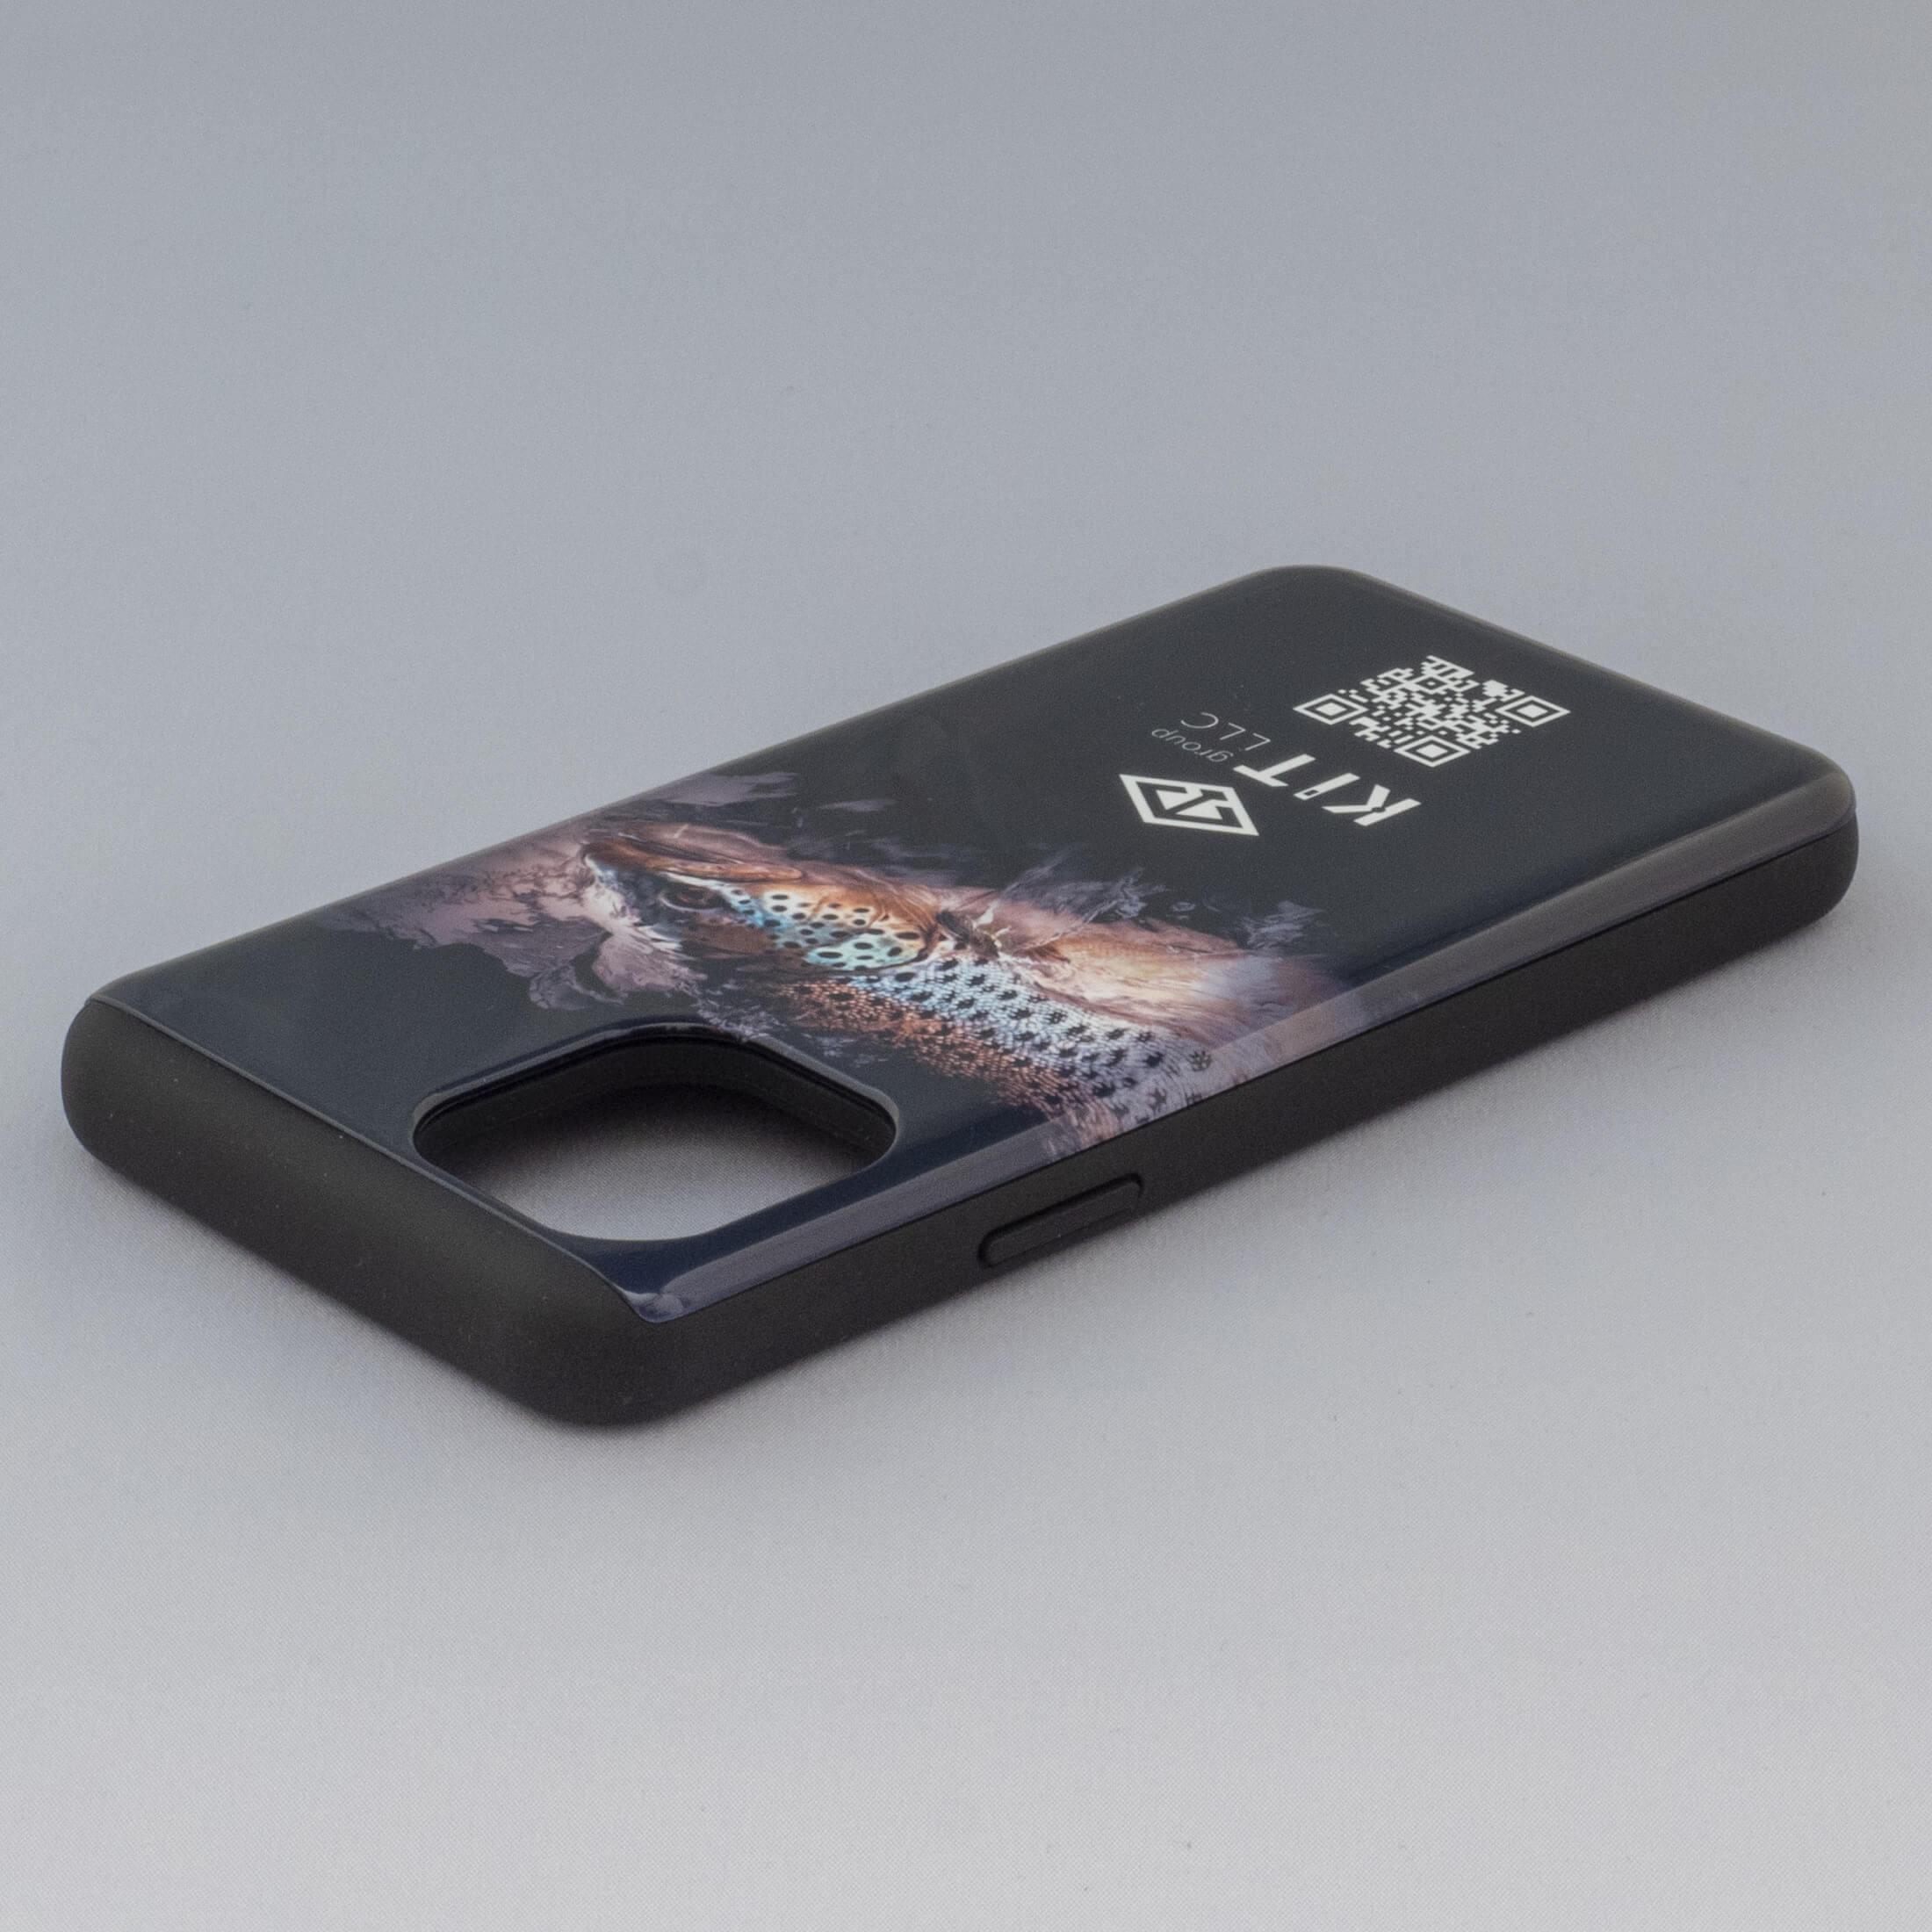 ブラウントラウトのiPhoneケース画像4